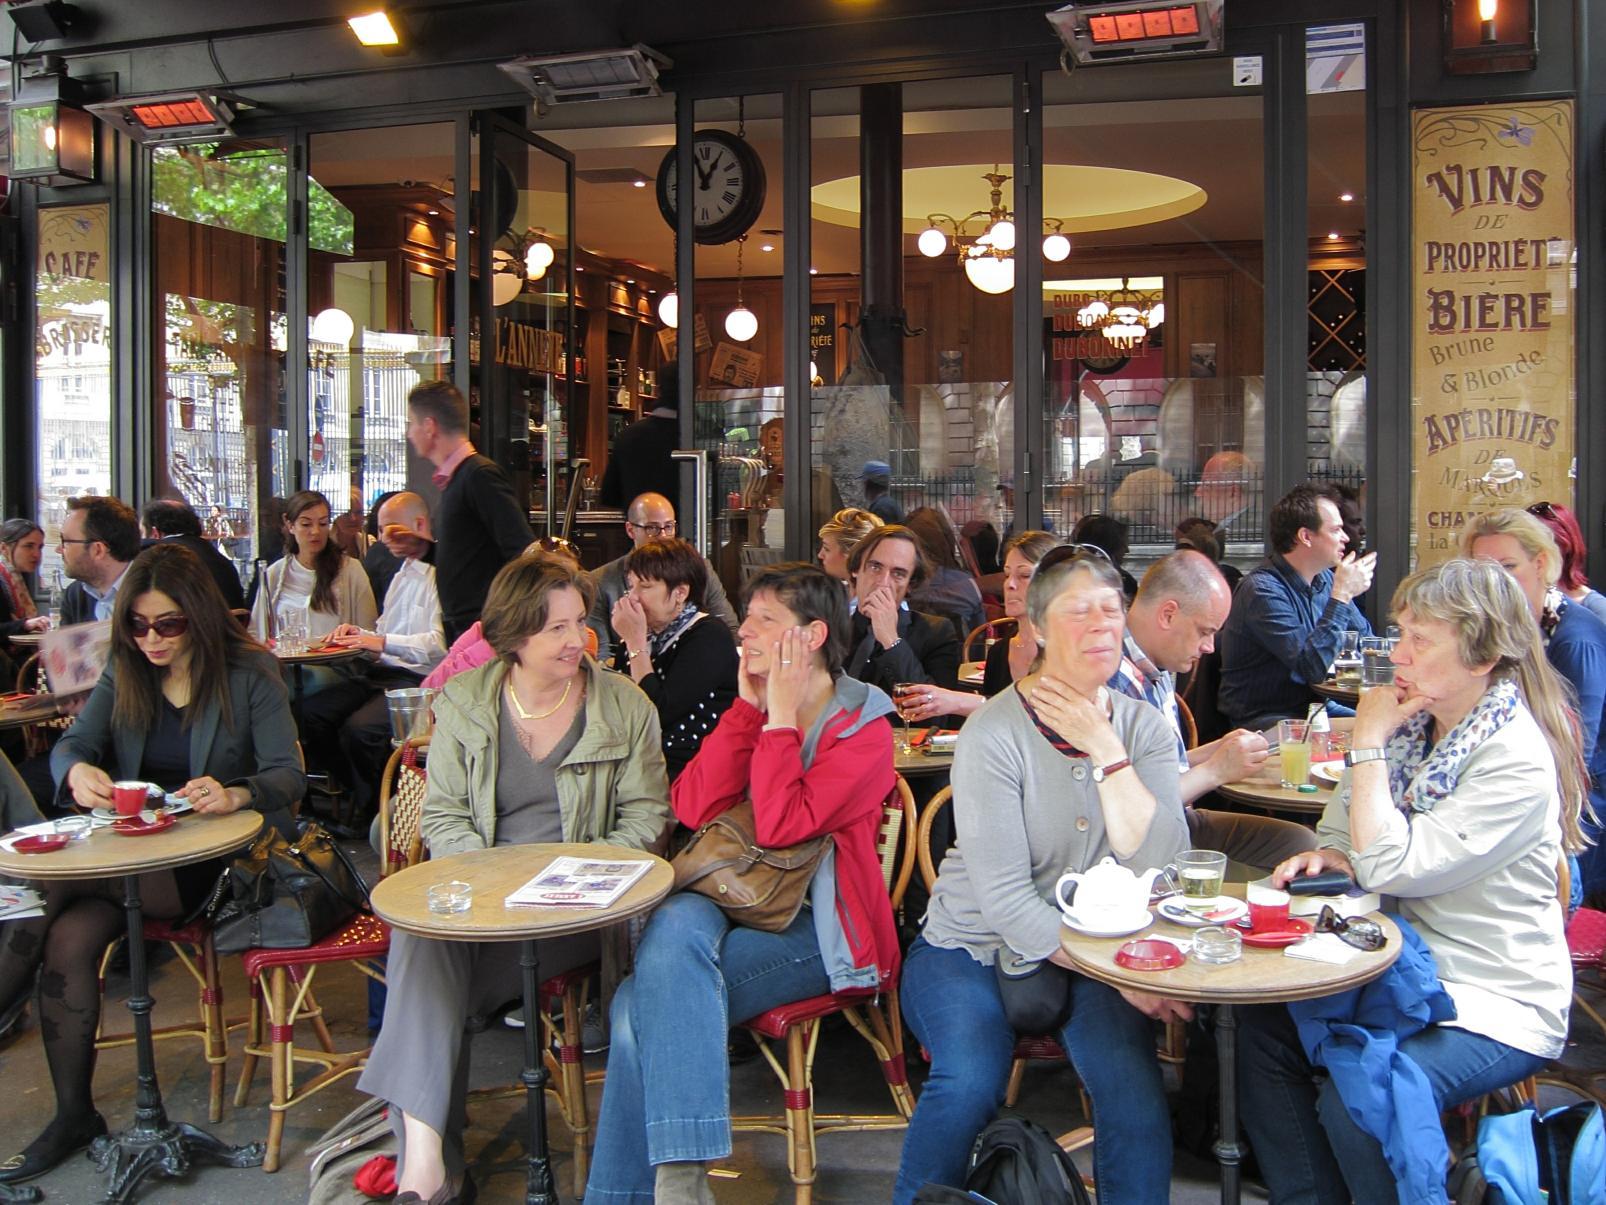 A typical café on the Île de la Cité.